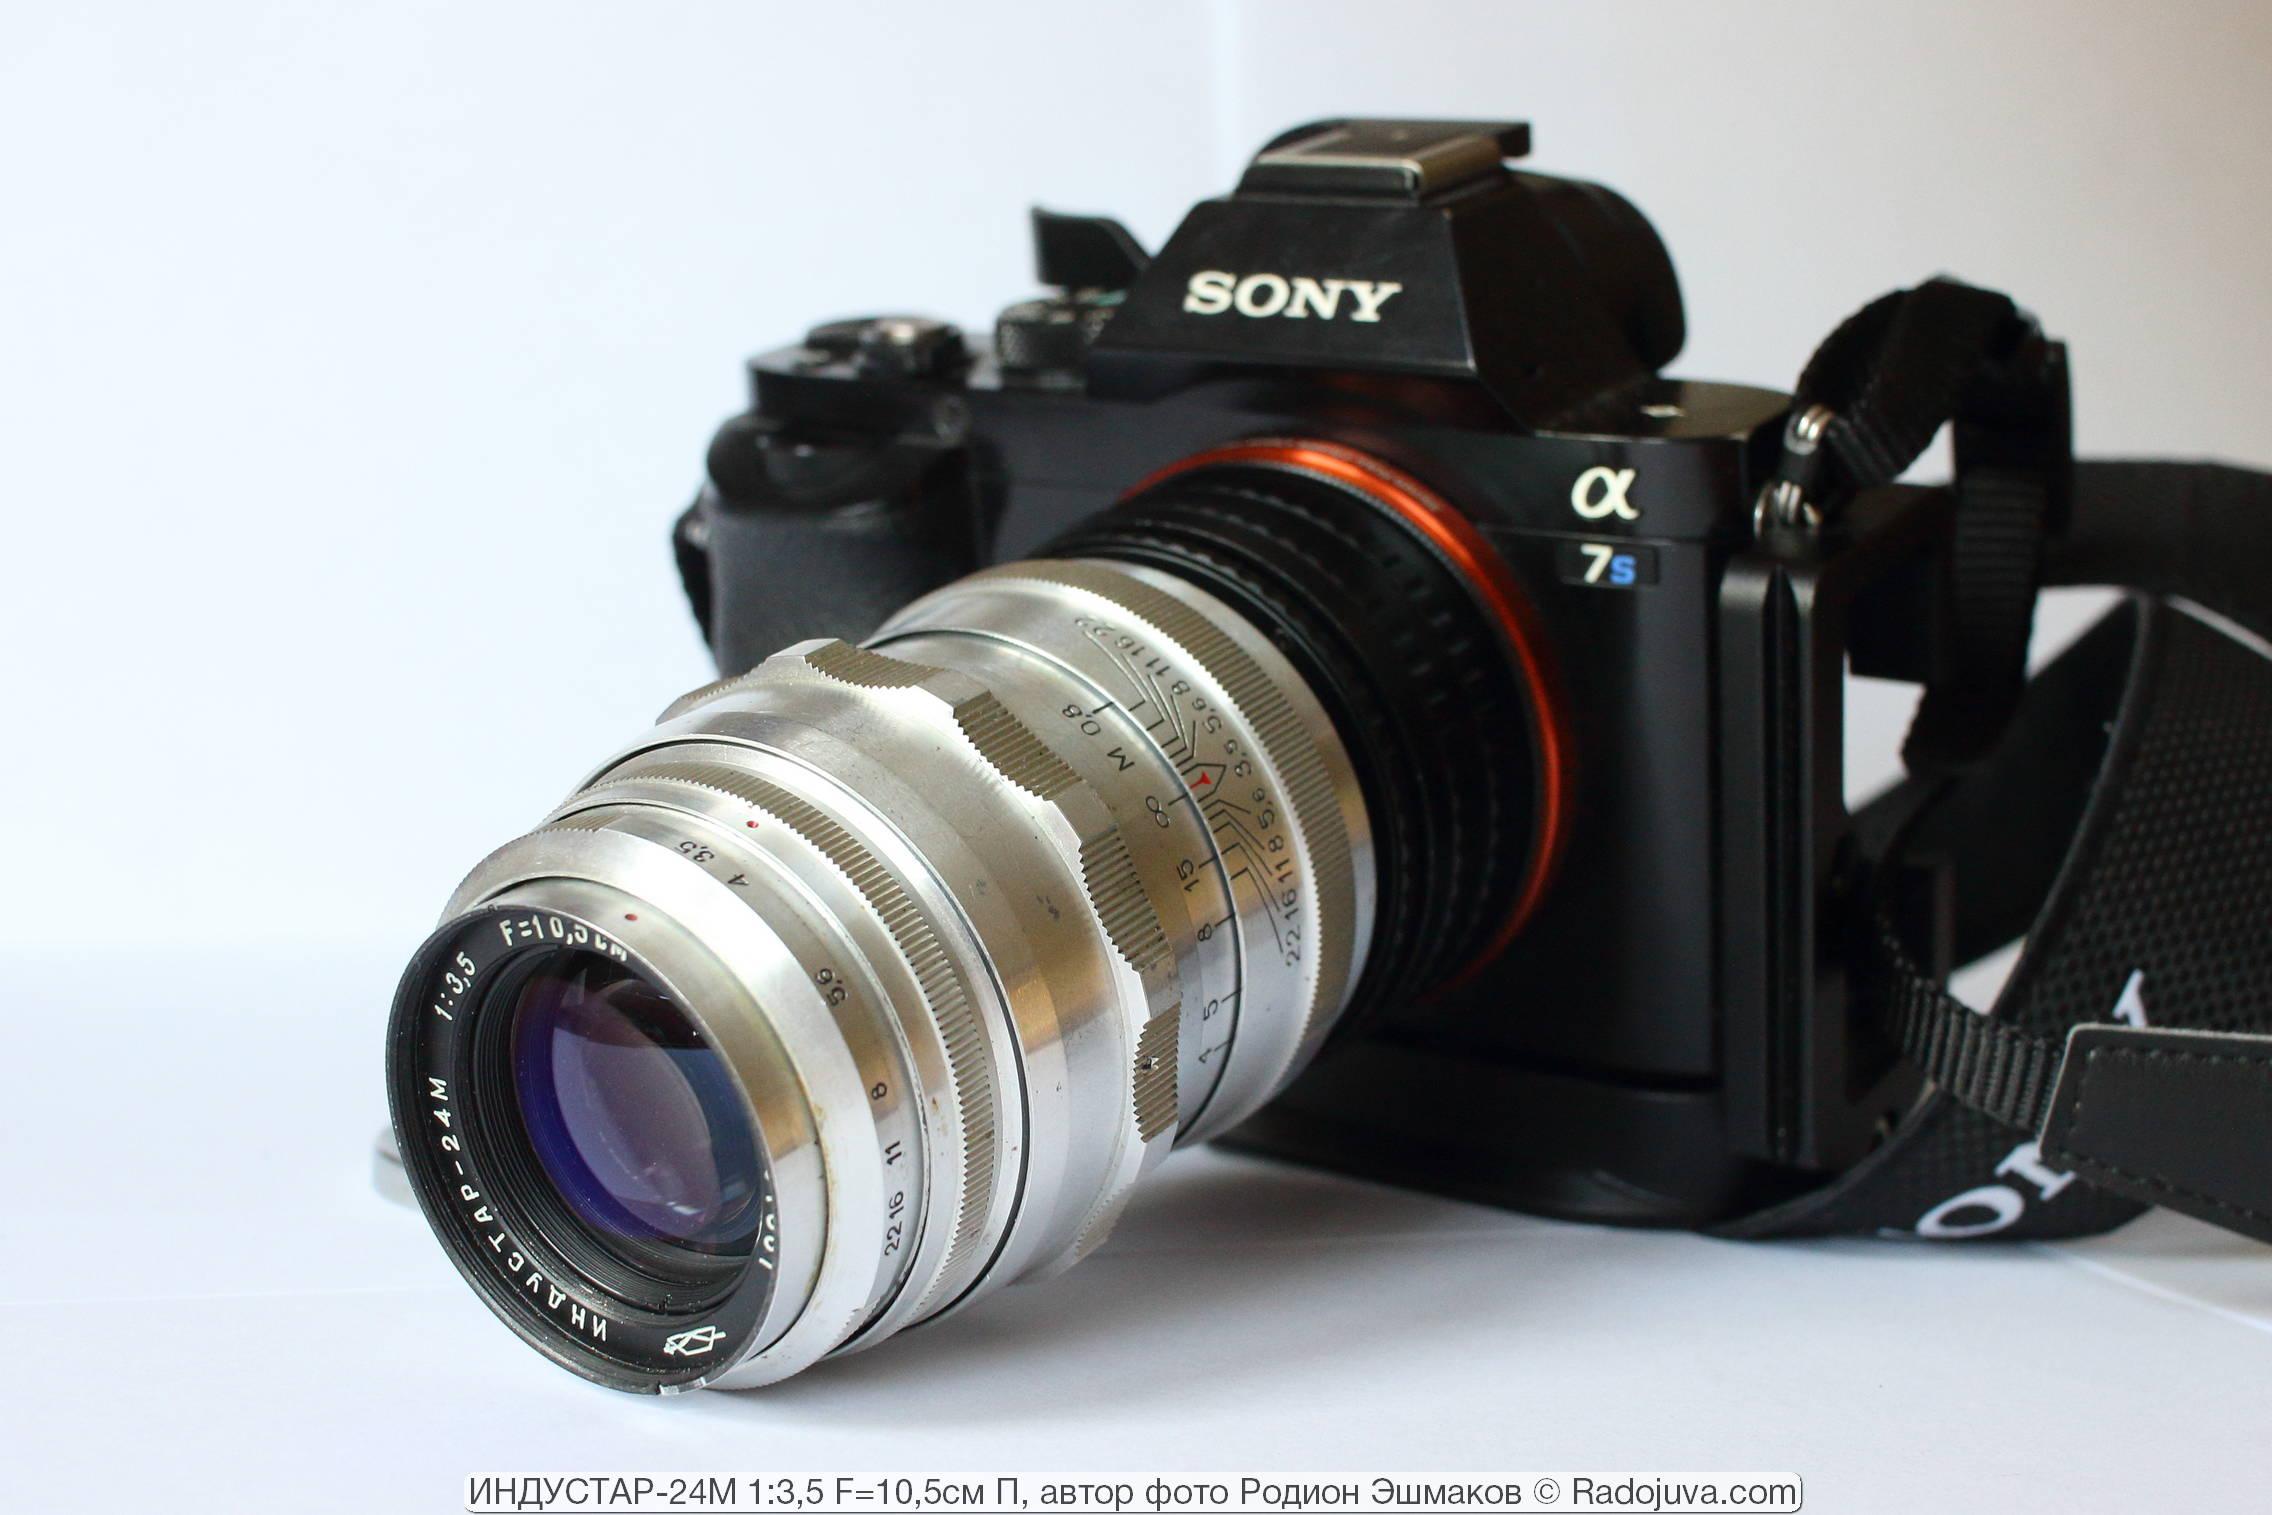 Индустар-24М, подсоединенный к камере Sony A7s через макрогеликоид и переходники M39-M42, M42-NEX (тонкий).